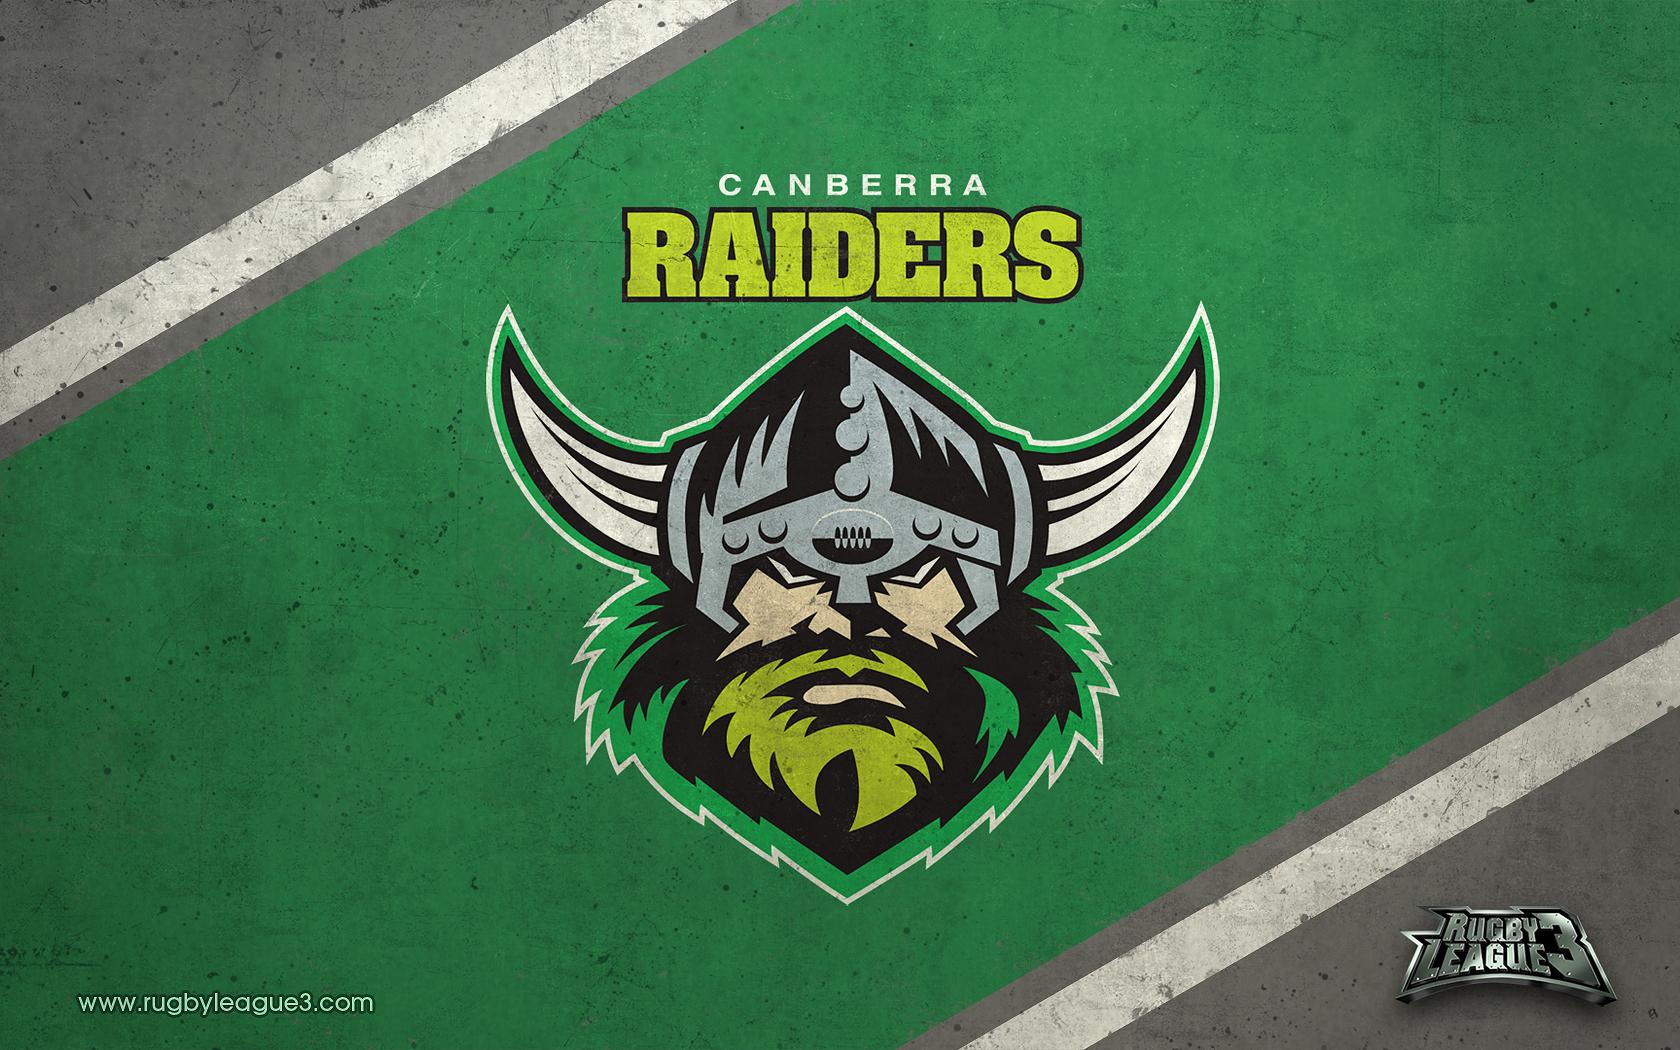 Raiders 1024x768 1280x960 1366x768 1680x1050 1920x1080 1920x1200